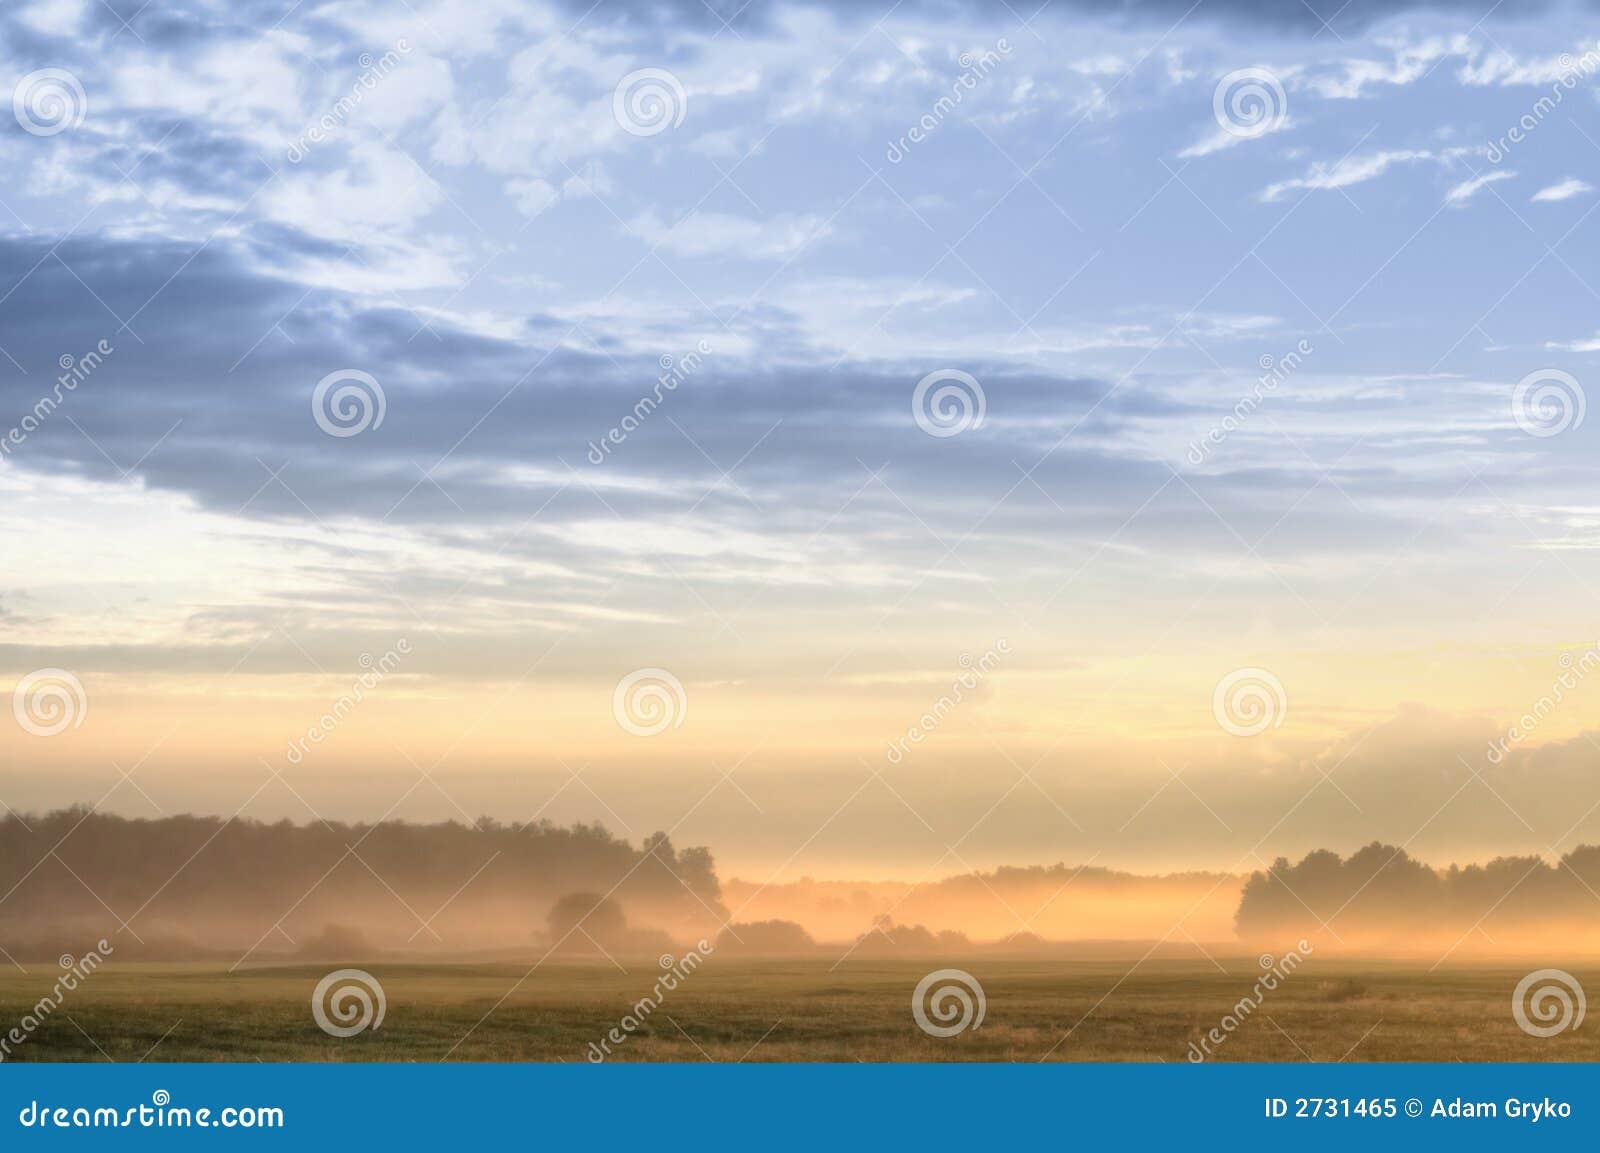 Scena wschód słońca